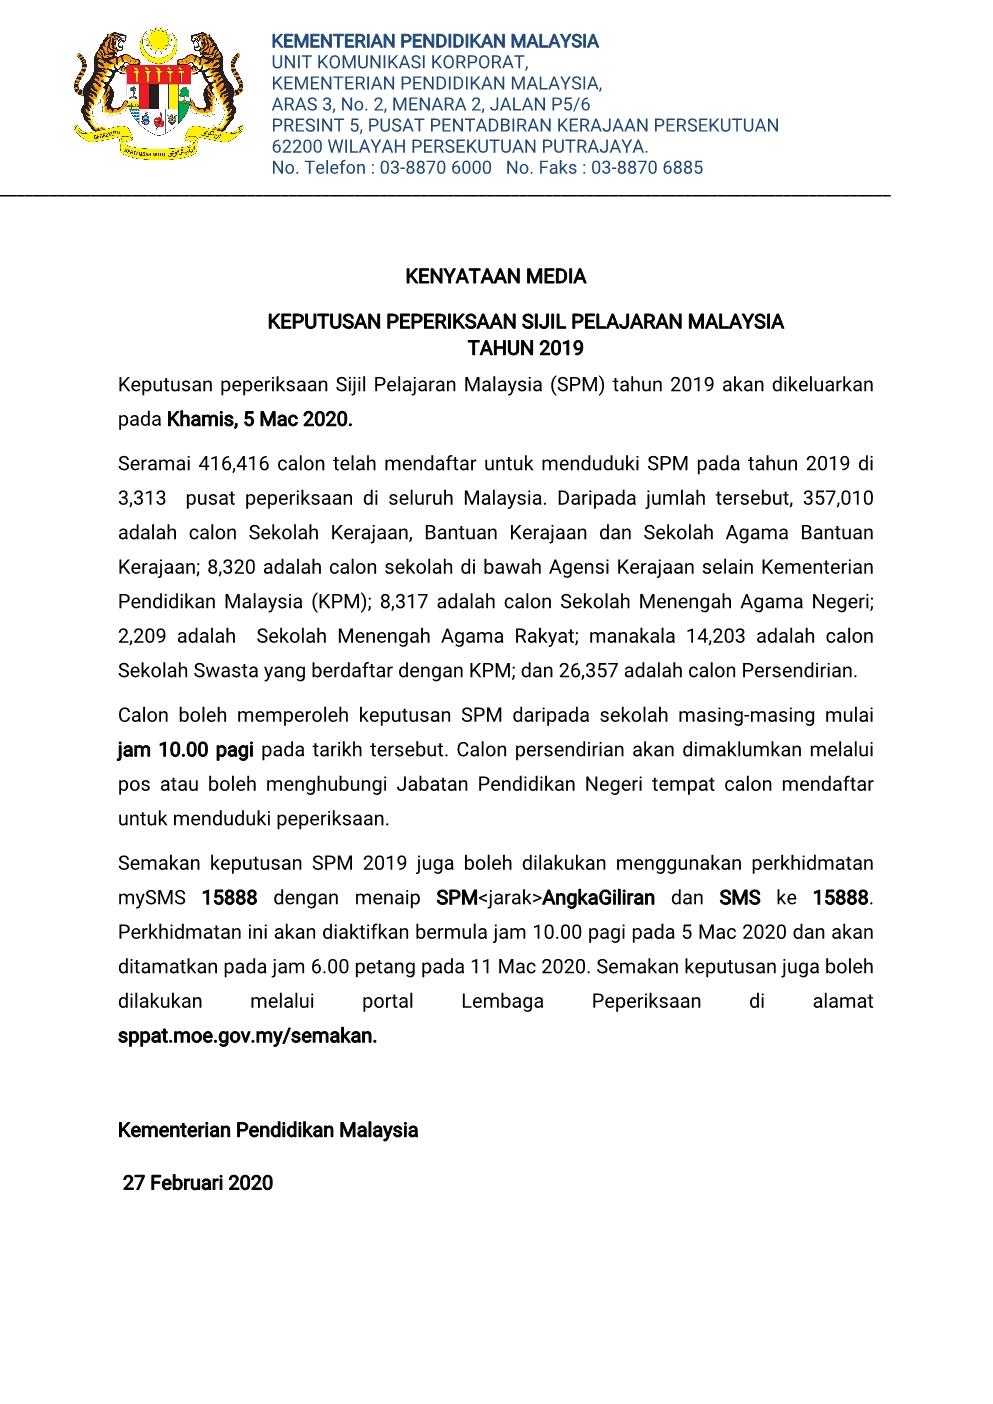 semakan keputusan spm 2019 online sms di sini check spm result pendidikanmalaysia com semakan keputusan spm 2019 online sms